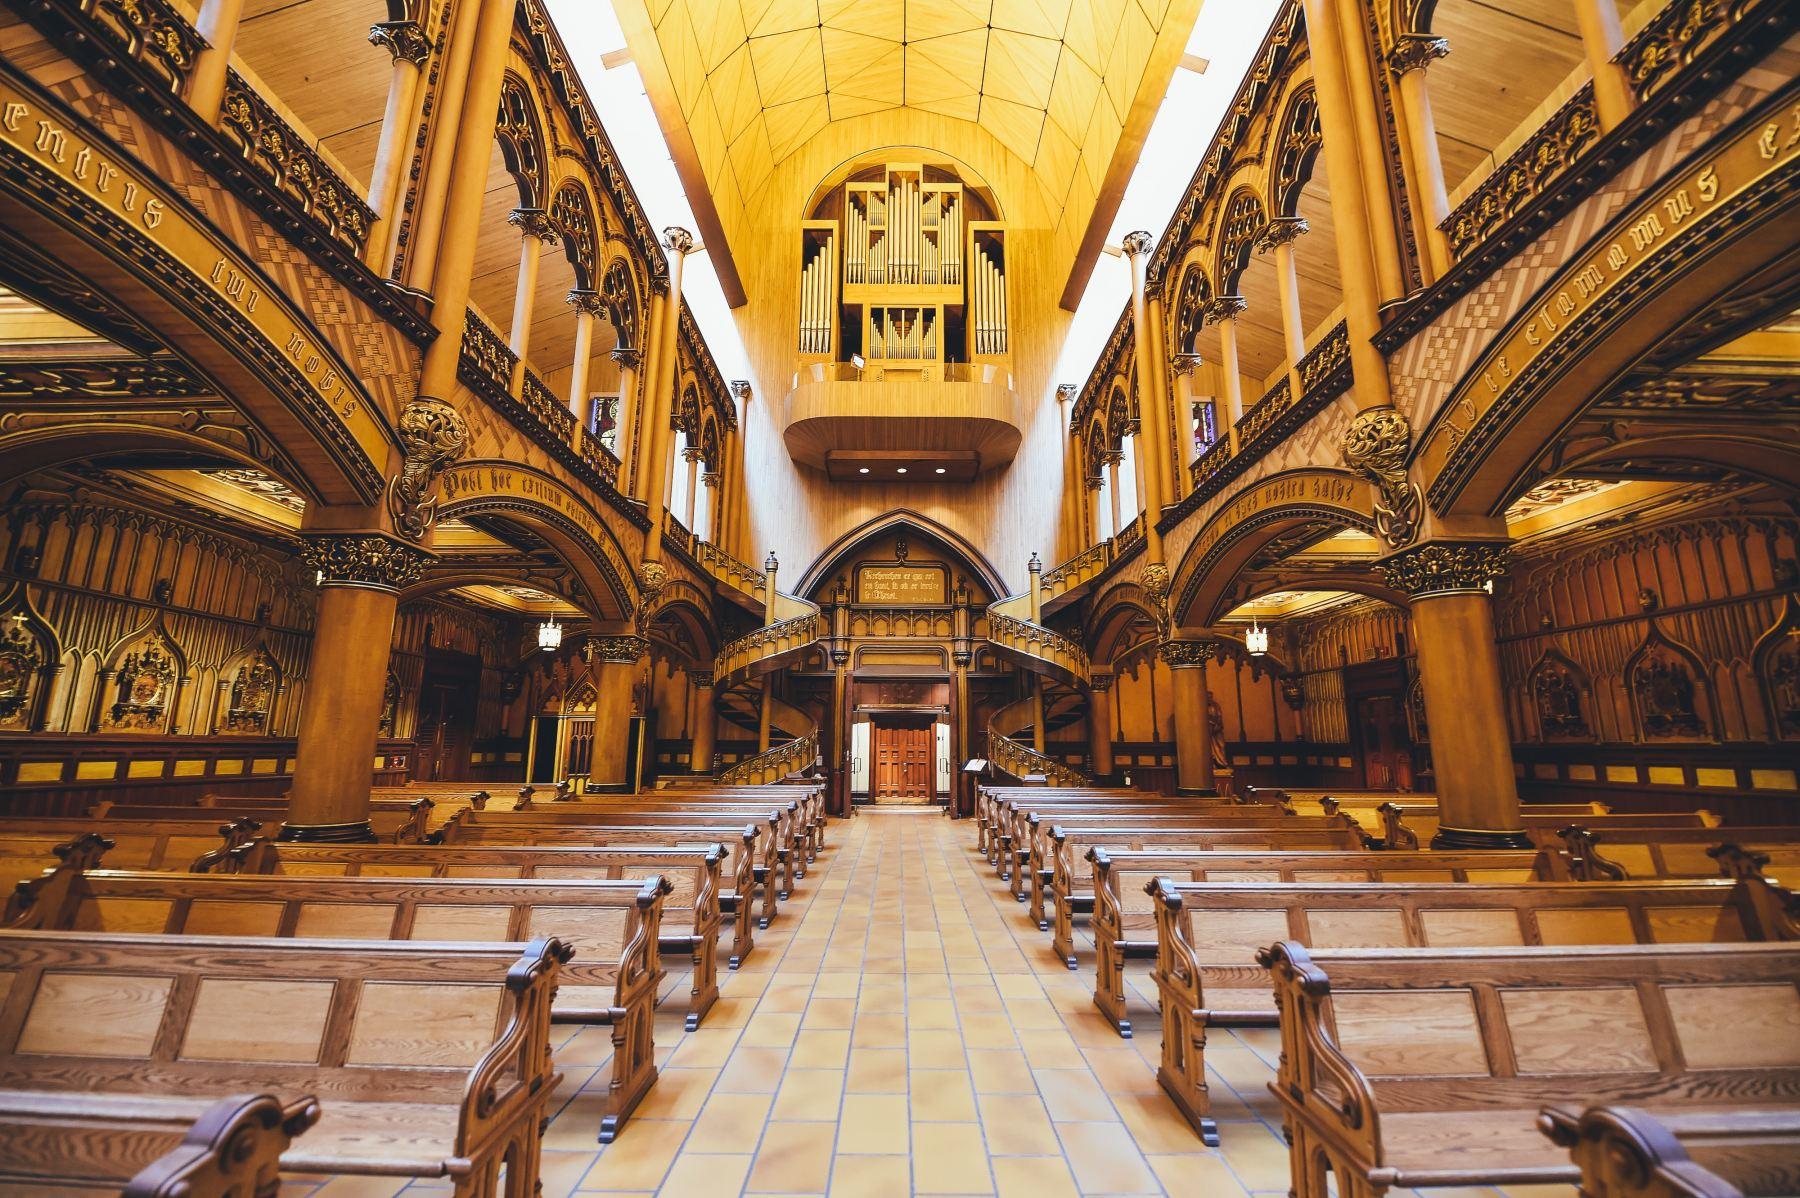 Basilique Notre Dame de Montréal, Montréal, Canada. (Annie Spratt on Unsplash)